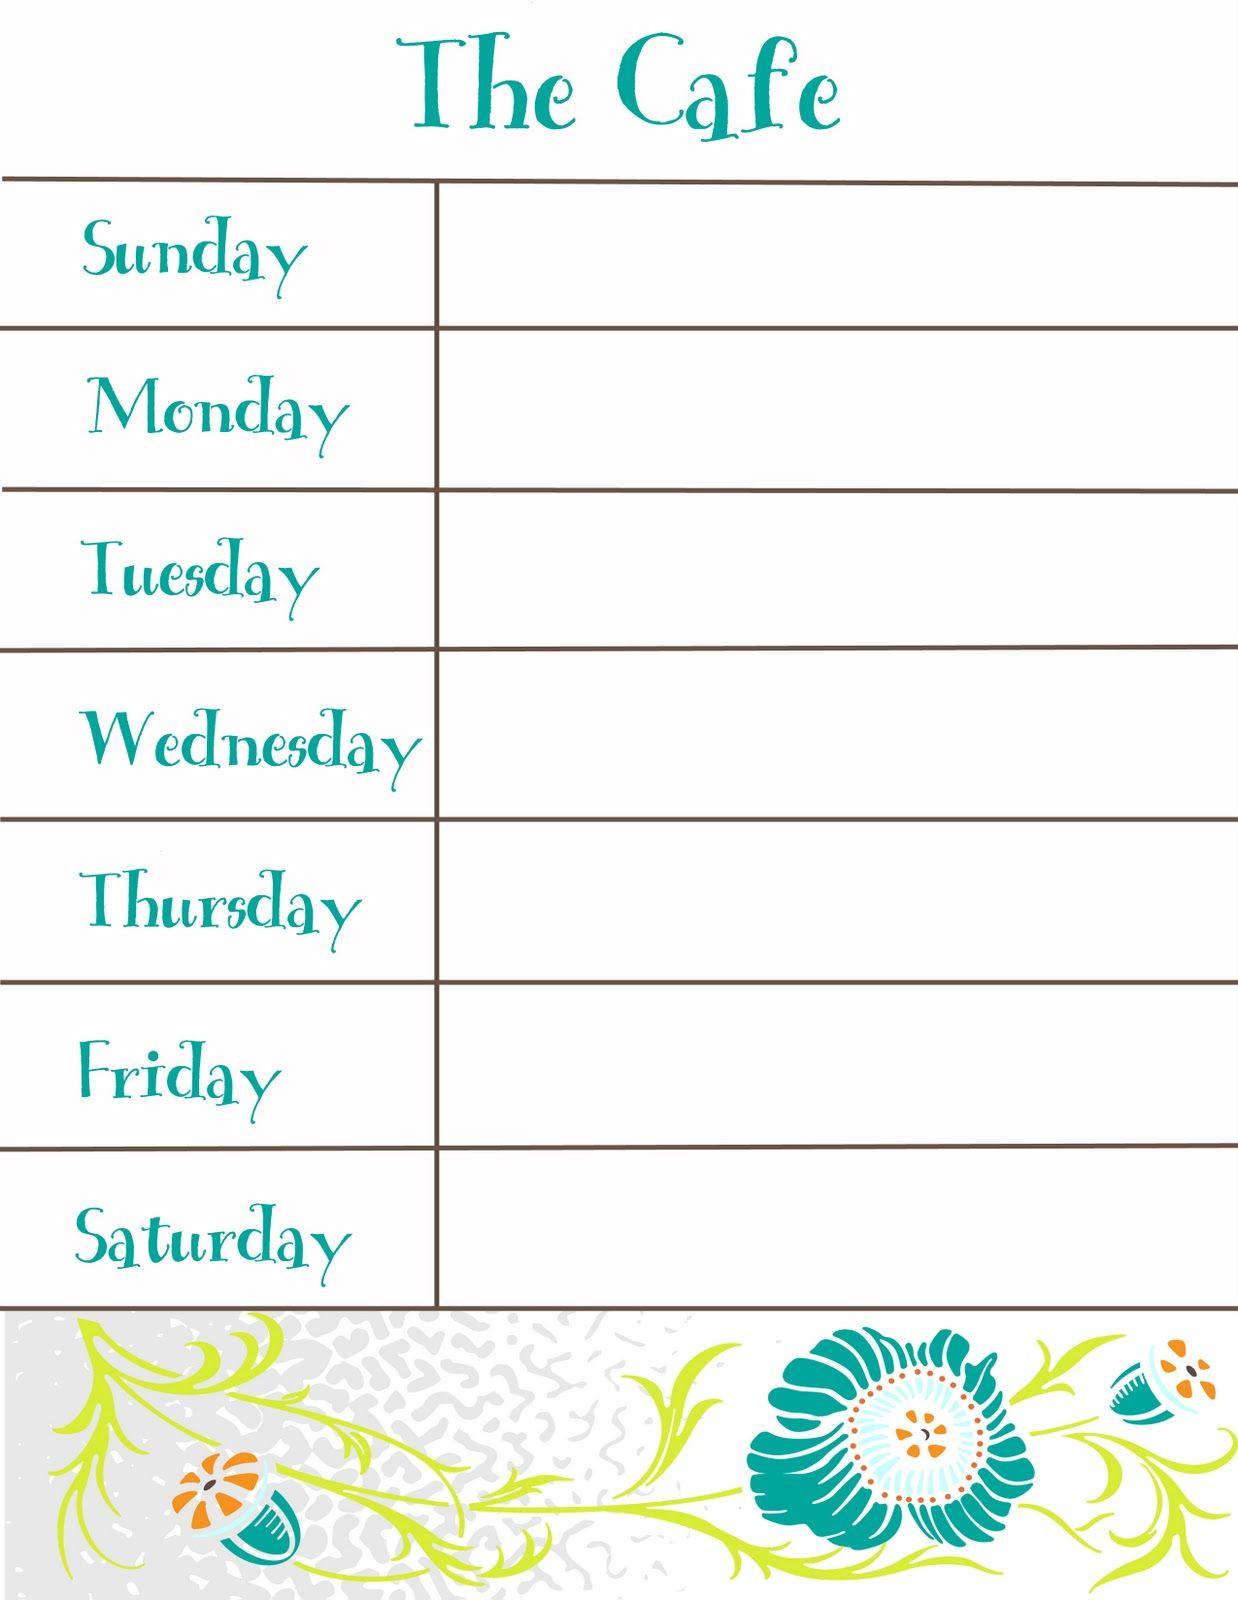 Weekly Menu Printable With Images